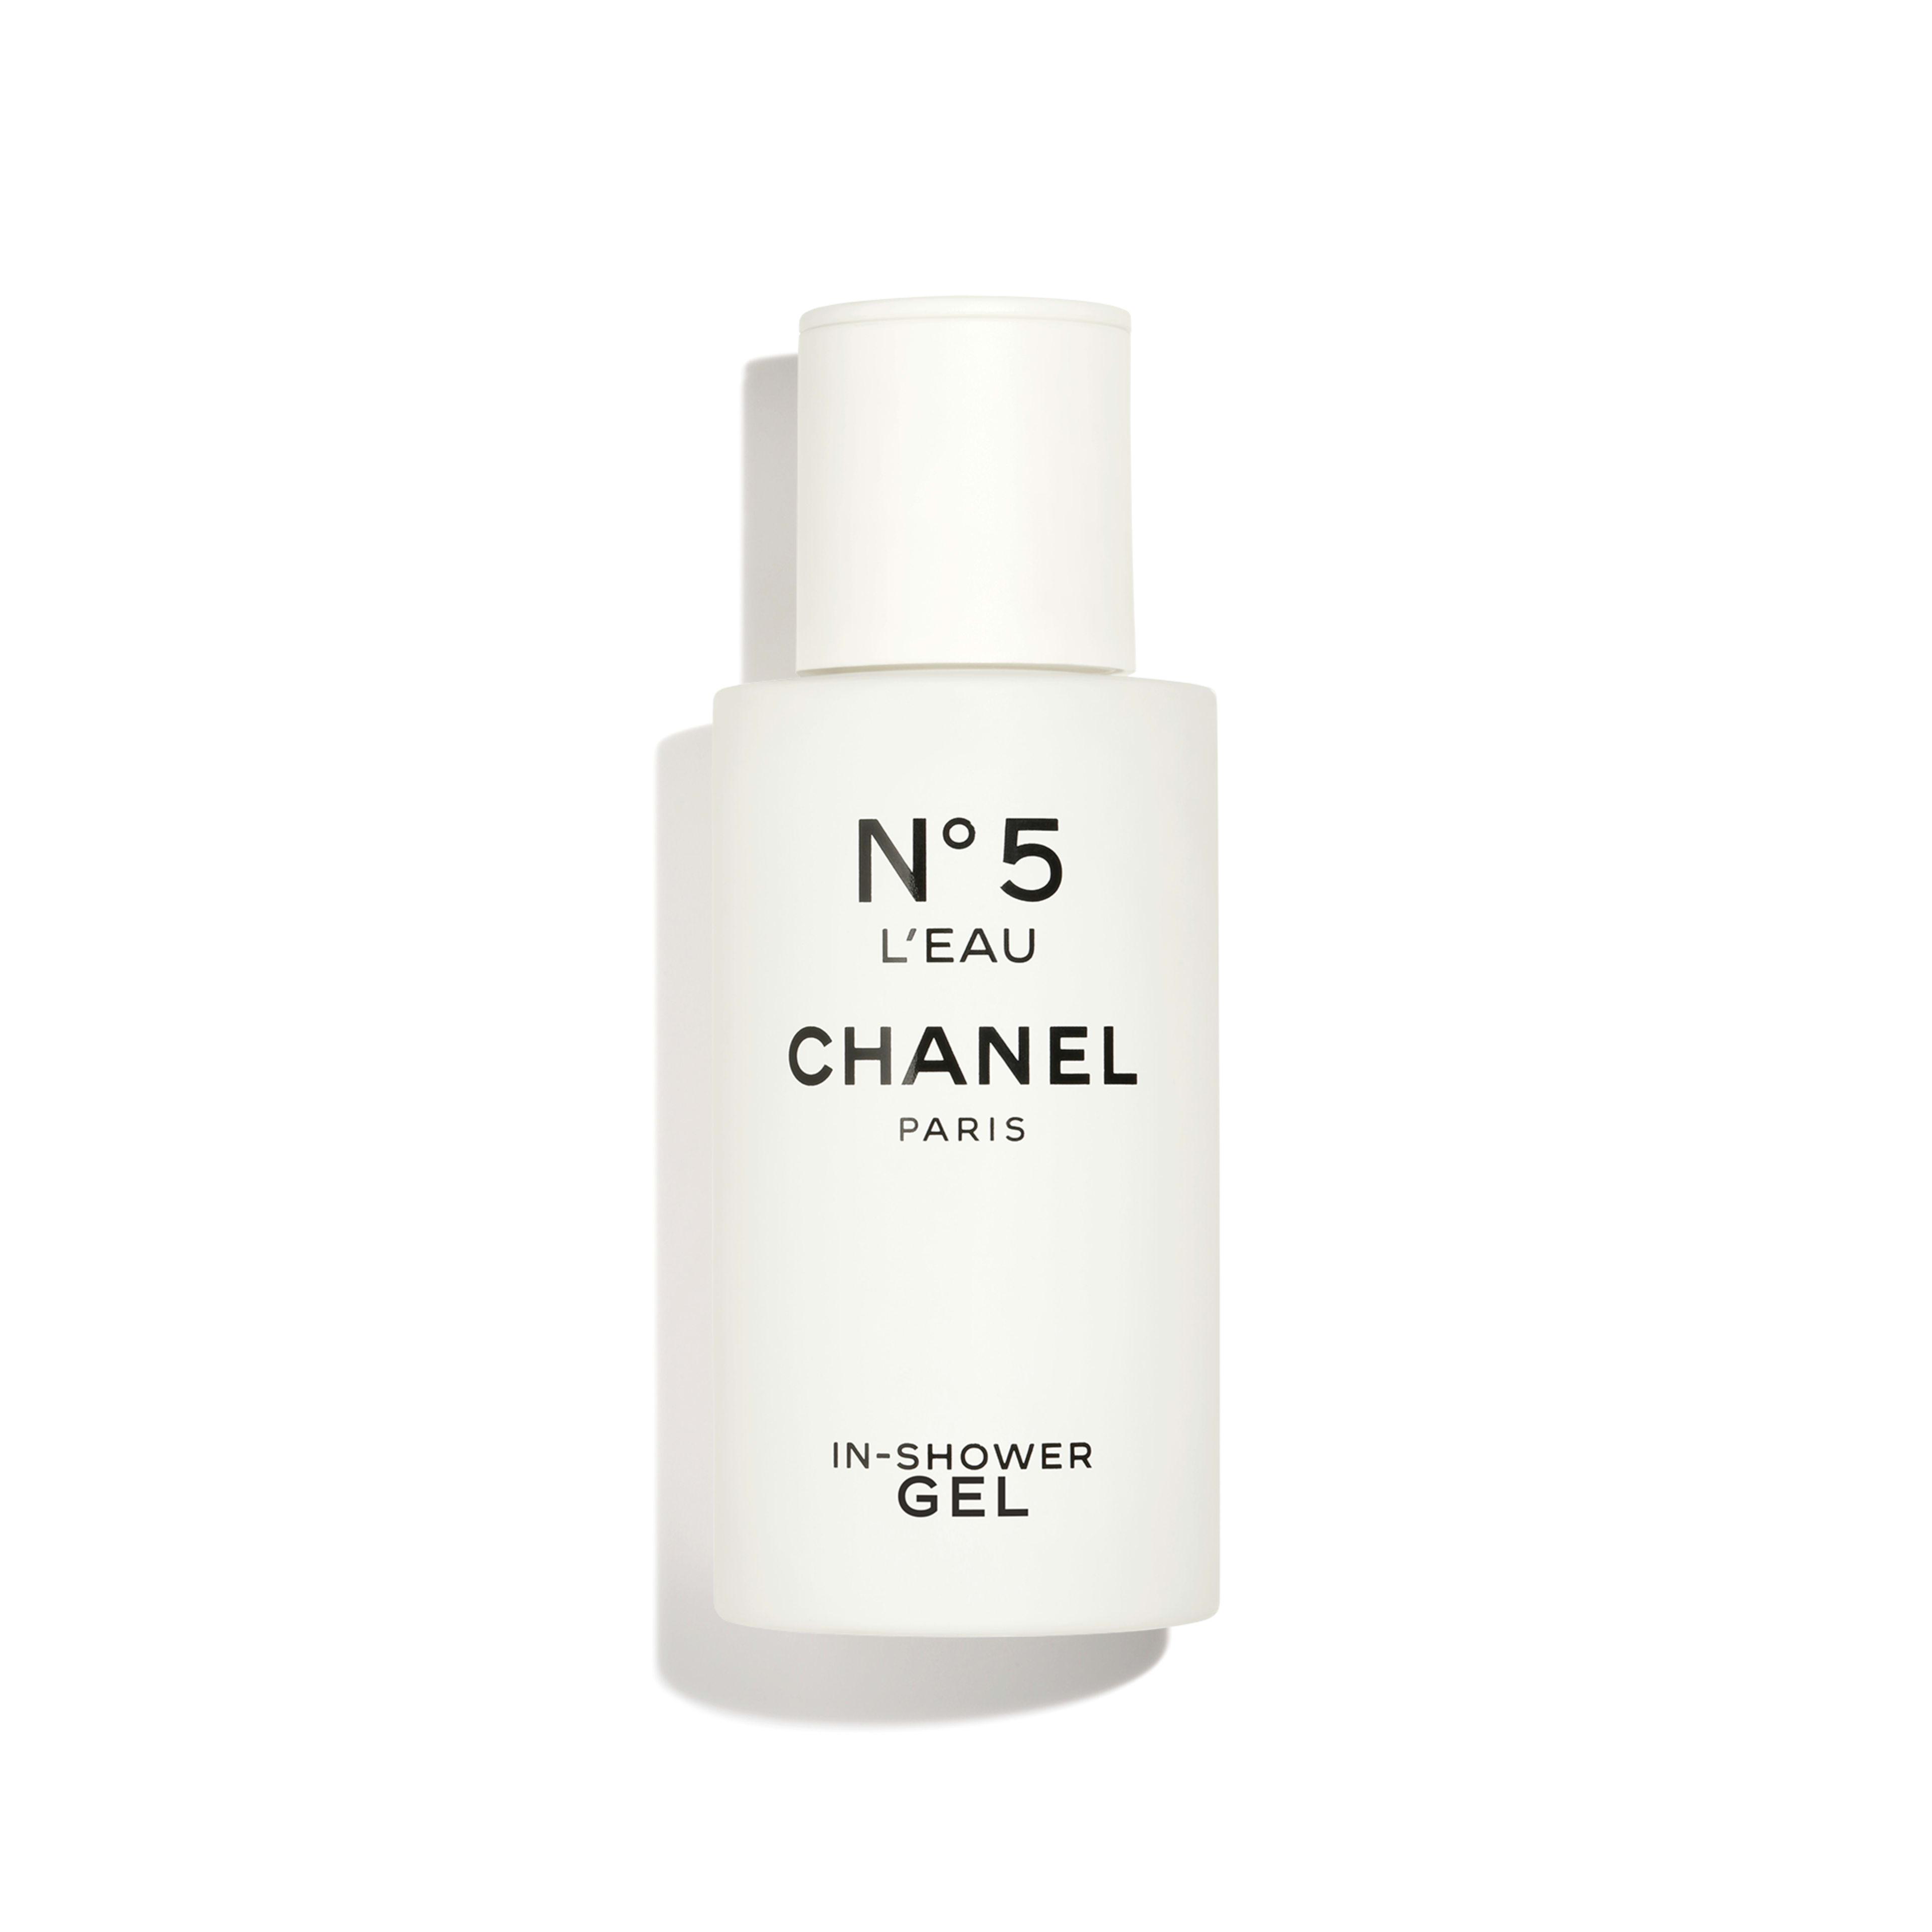 N°5 L'EAU - fragrance - 3.4FL. OZ. - Default view